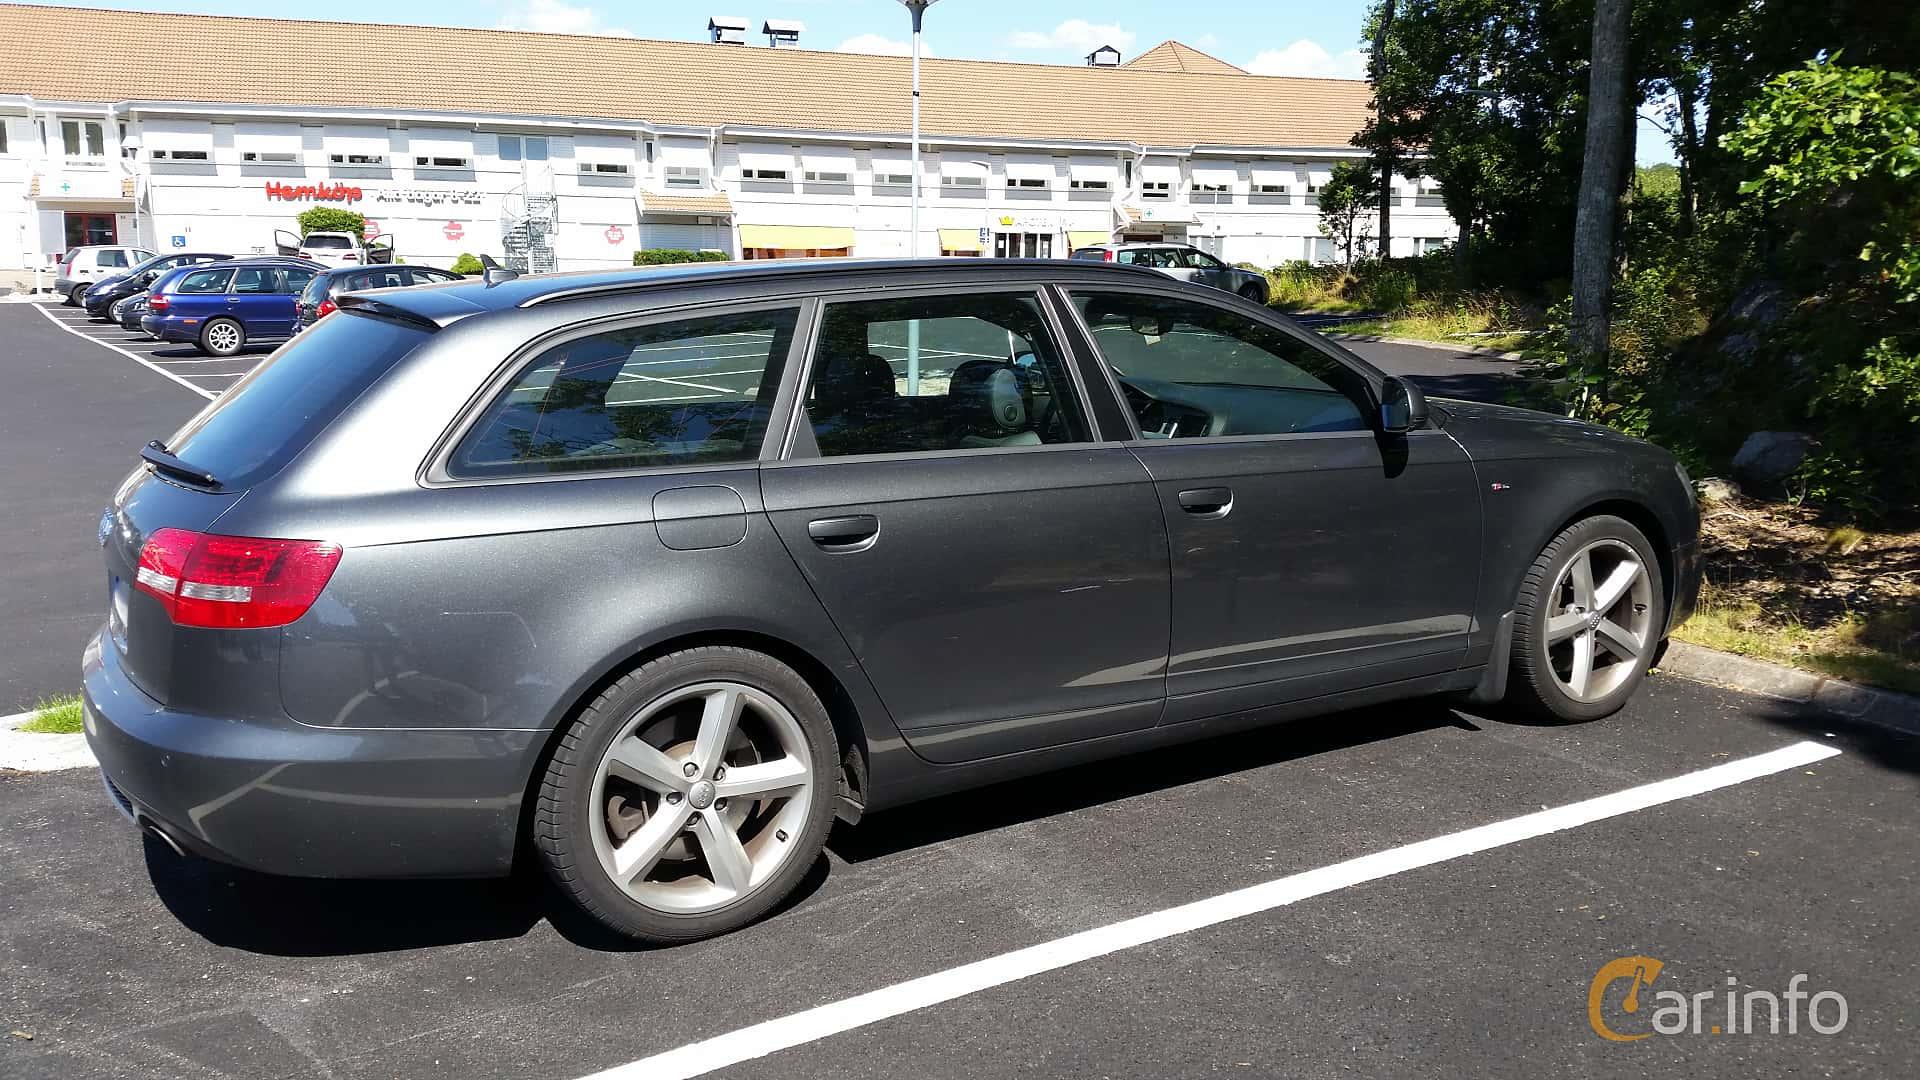 Kelebihan Audi A6 Avant 3.0 Murah Berkualitas